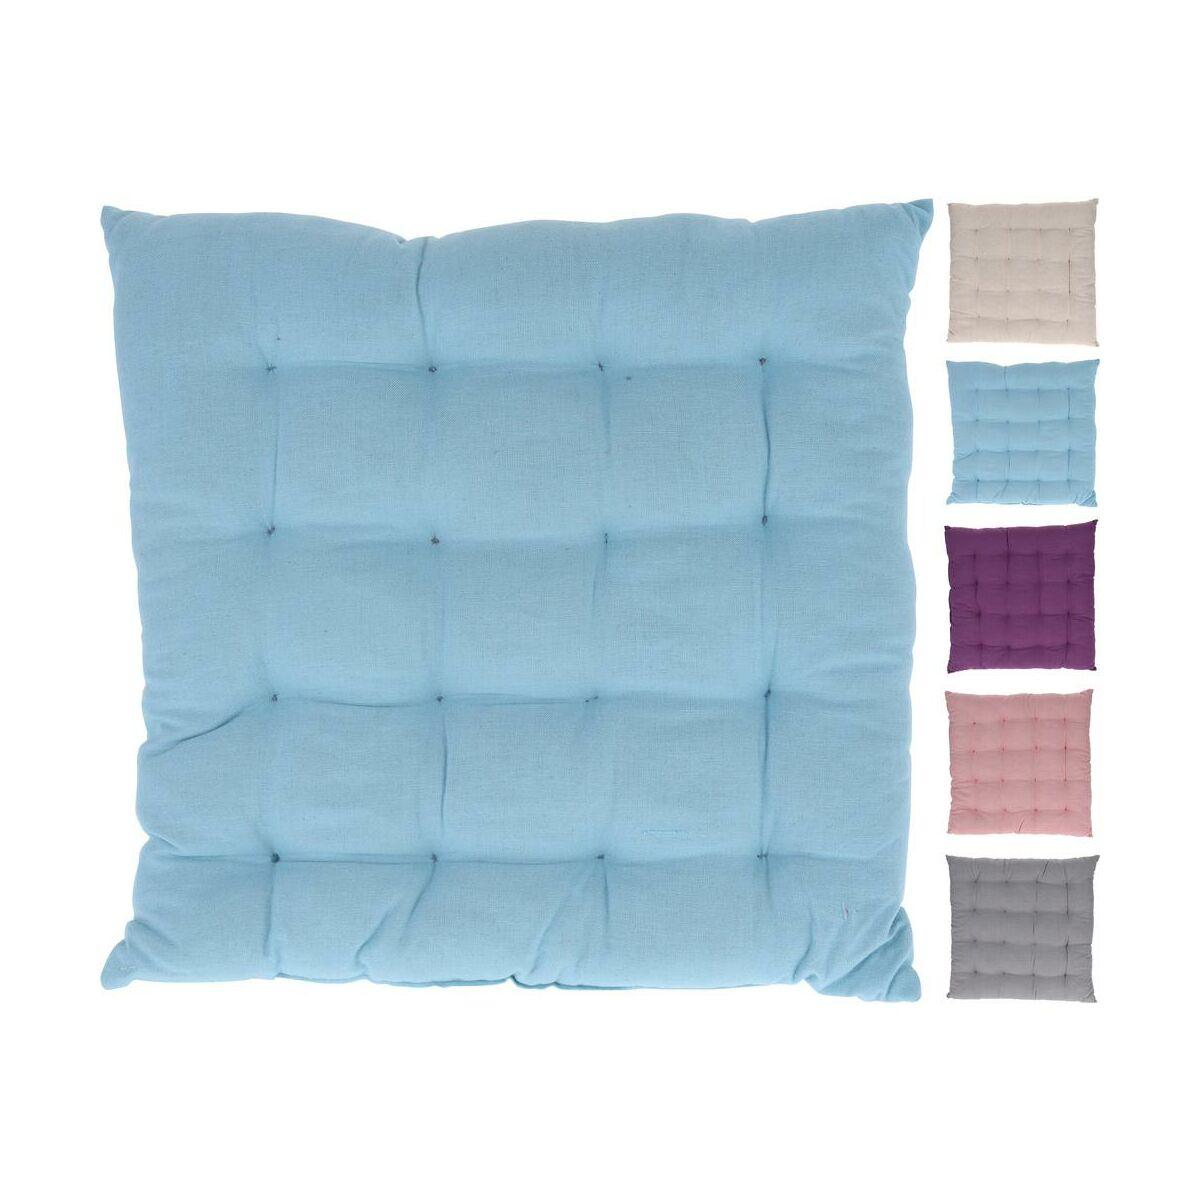 Poduszka Na Krzeslo Pikowana 40 X 40 Cm Mix Kolorow Siedziska I Zaglowki W Atrakcyjnej Cenie W Sklepach Leroy Merlin